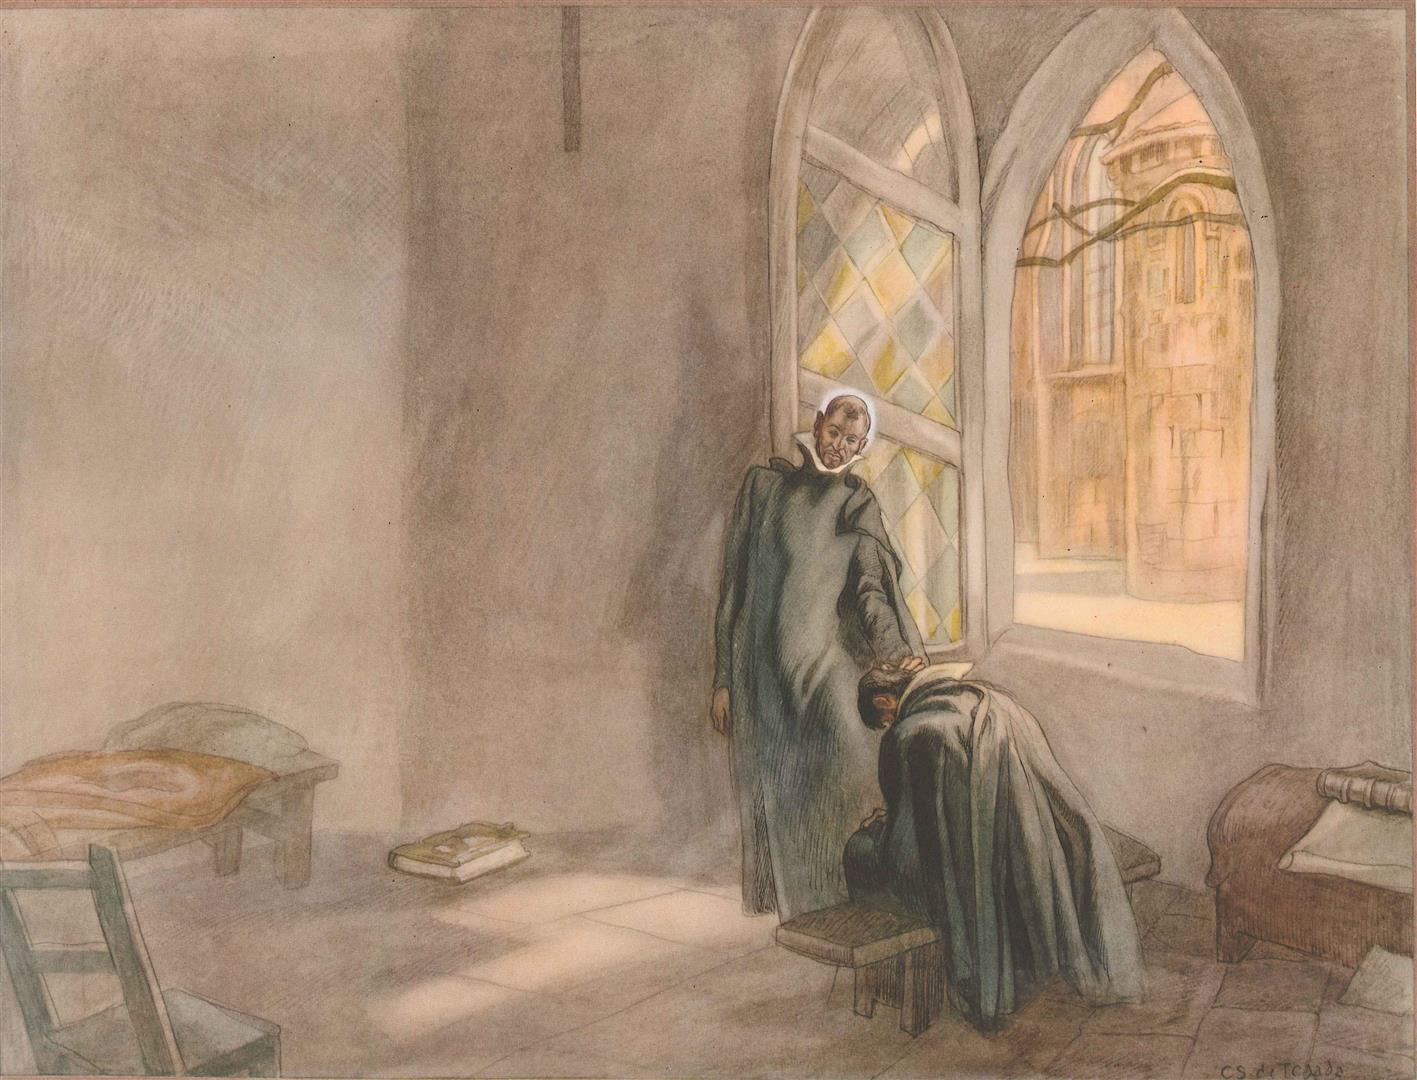 St. Ignatius Loyola (Plate 4)